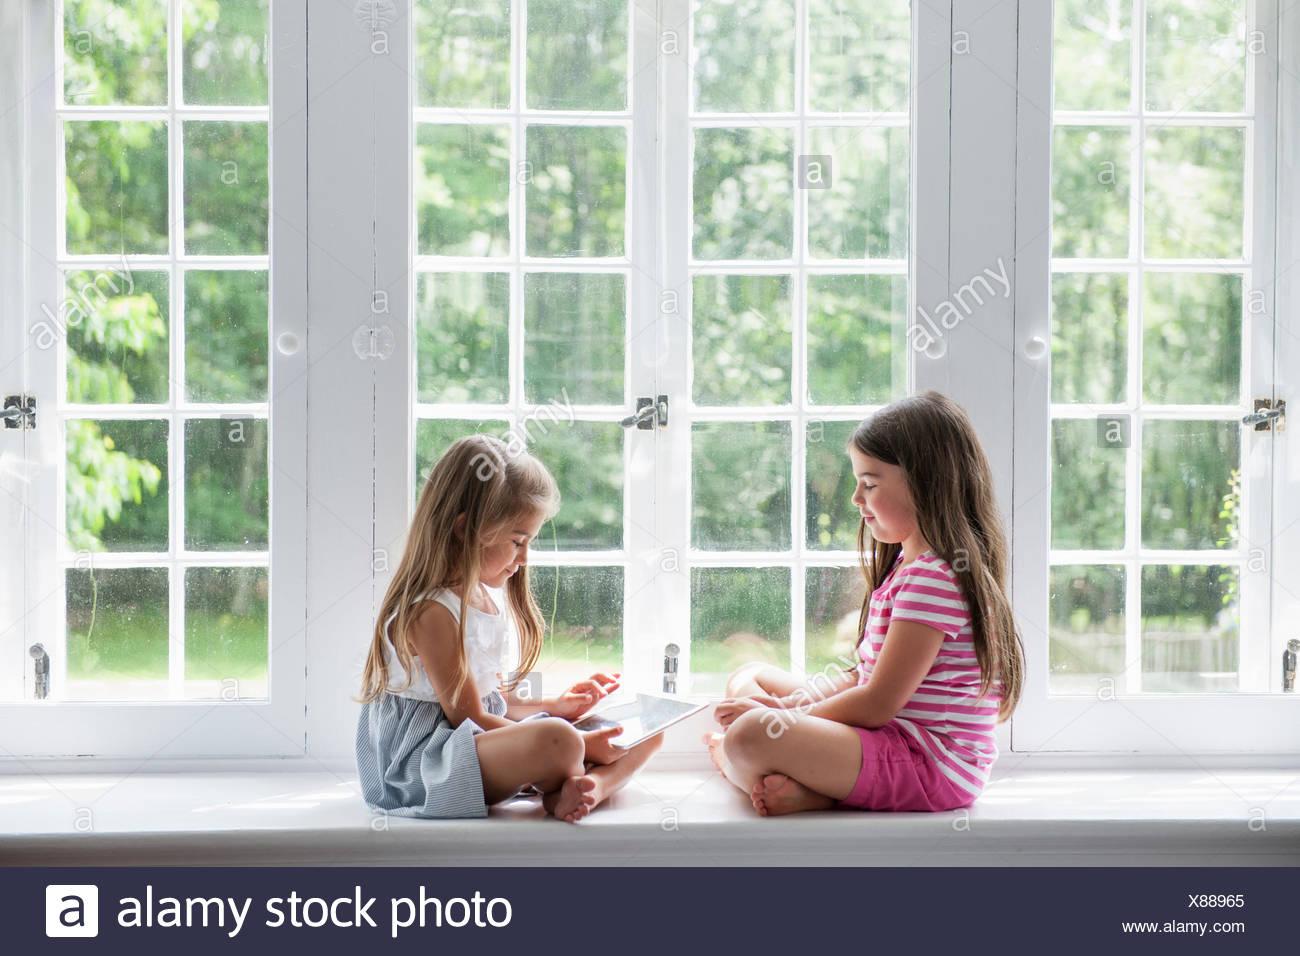 Due ragazze giocando, la condivisione di una tavoletta digitale. Immagini Stock